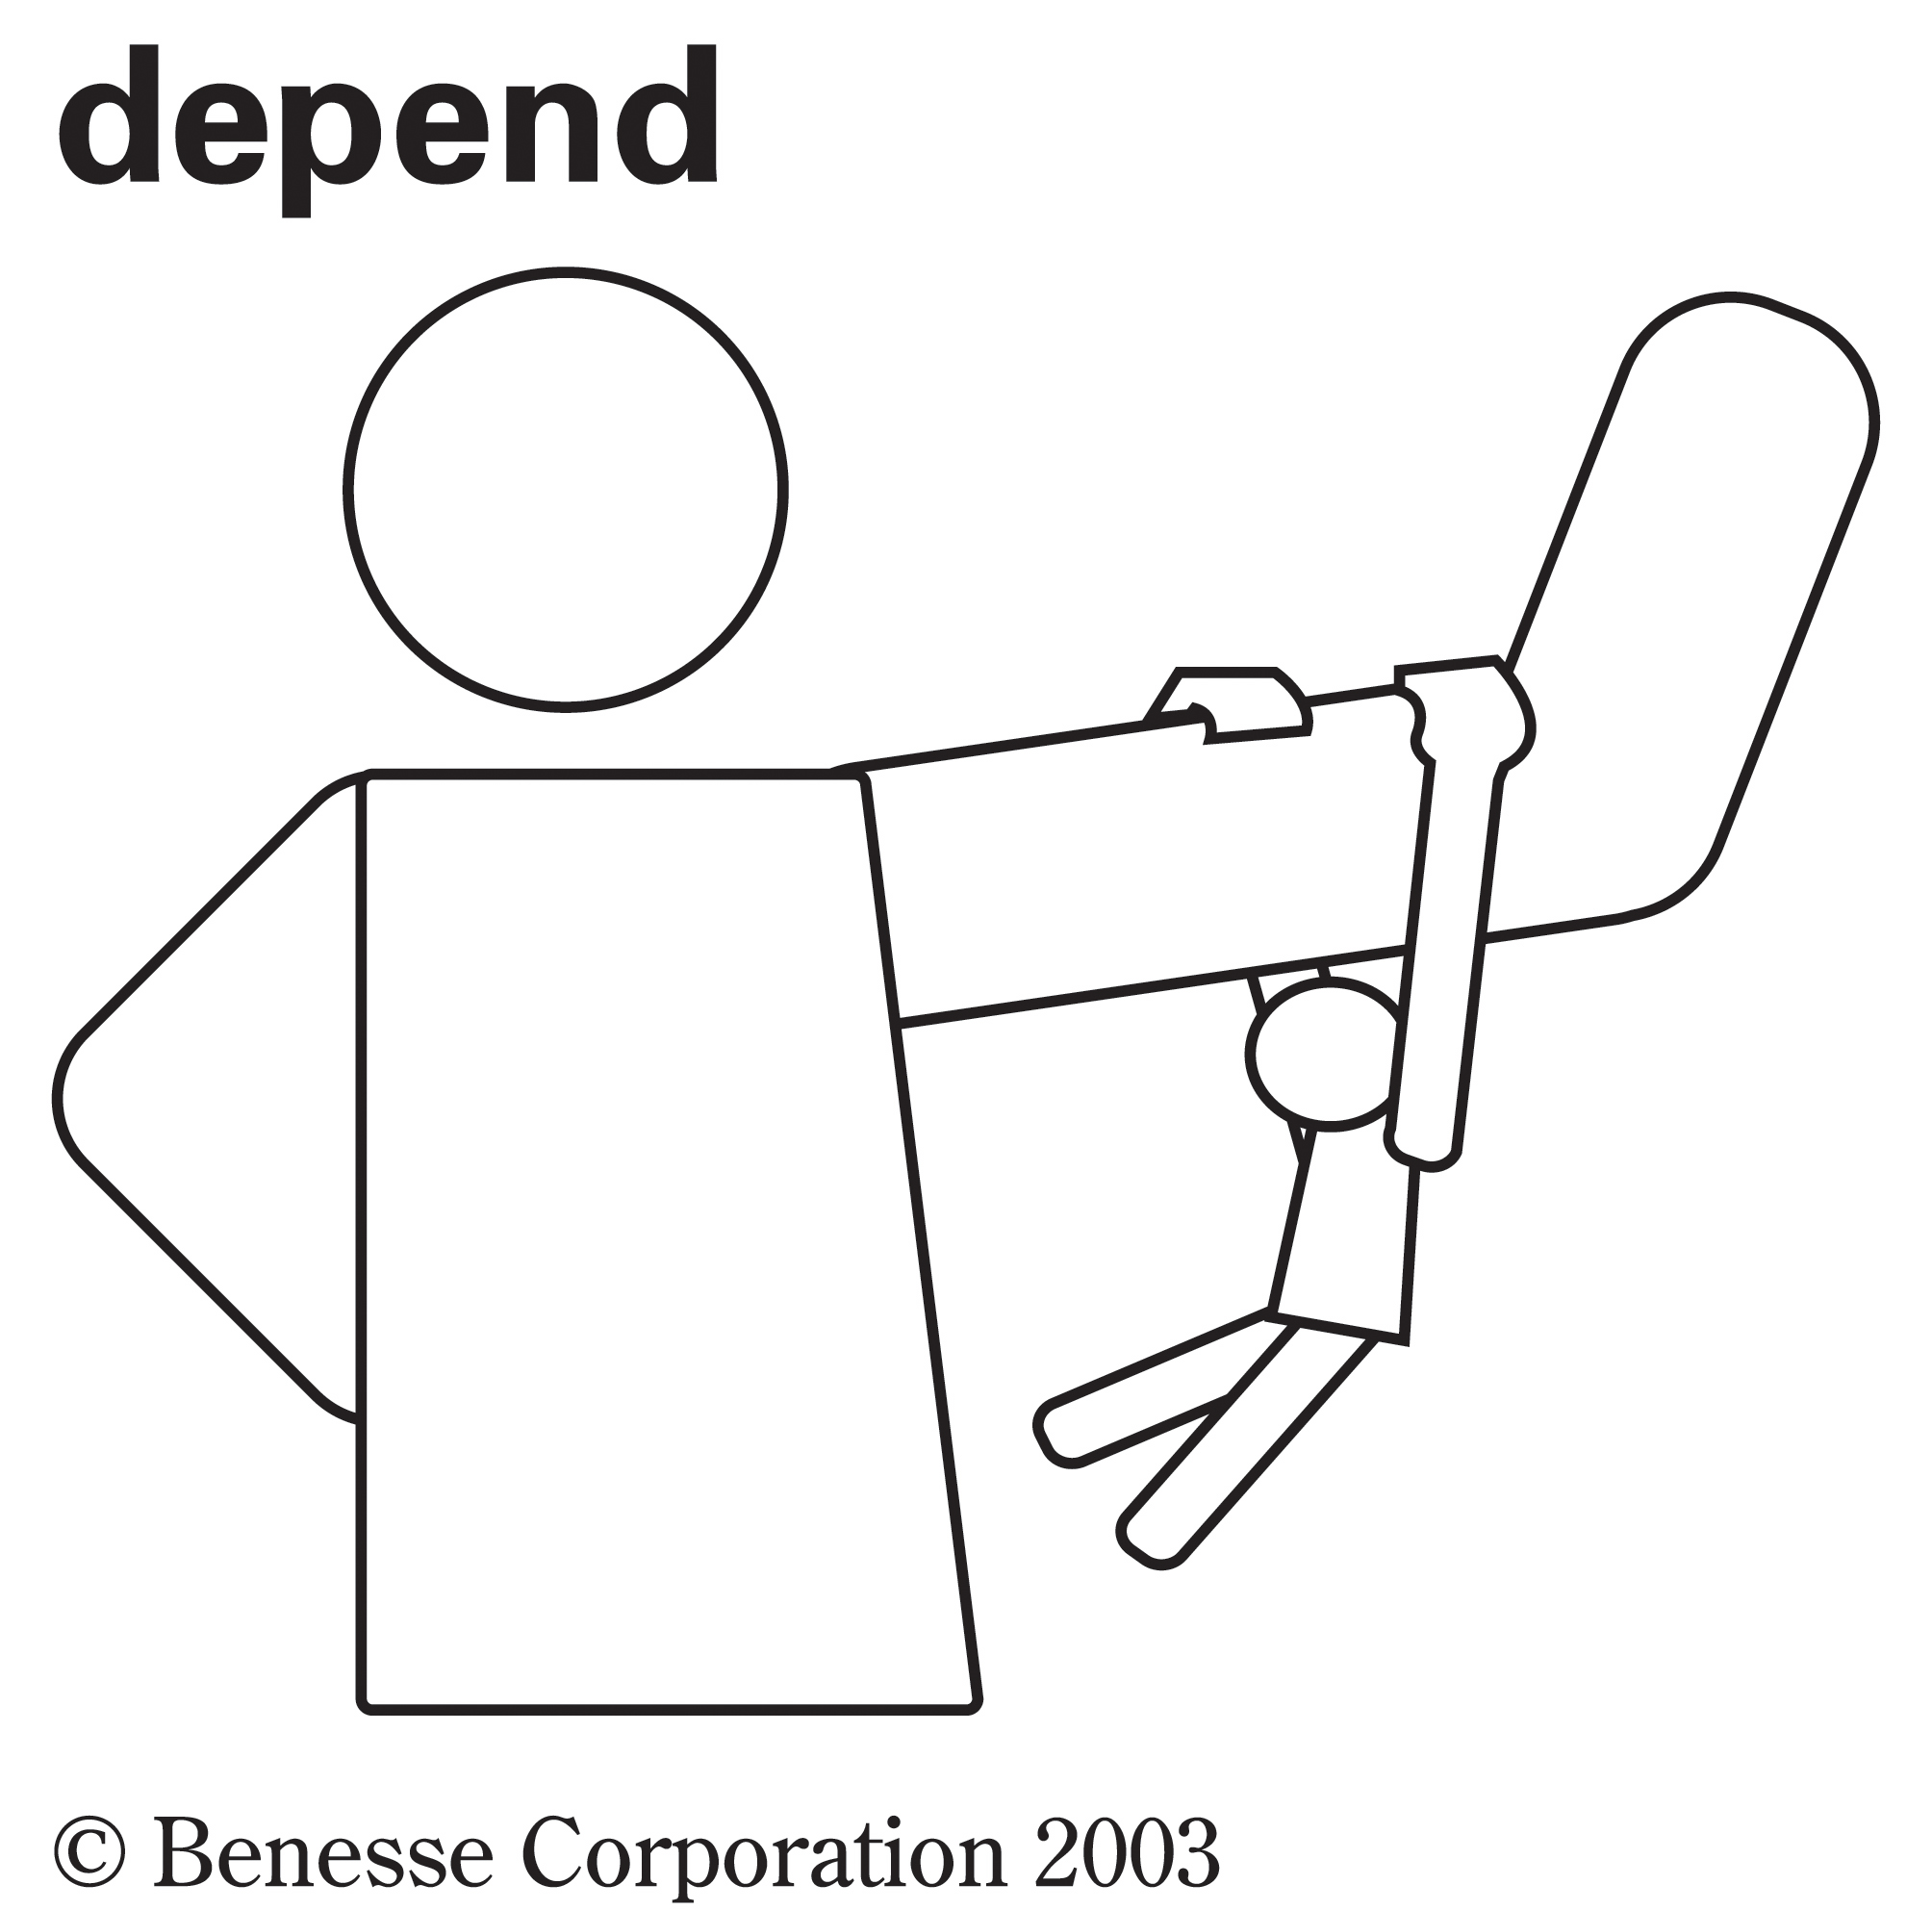 英語「depend」の意味・使い方・読み方 | Weblio英和辞書